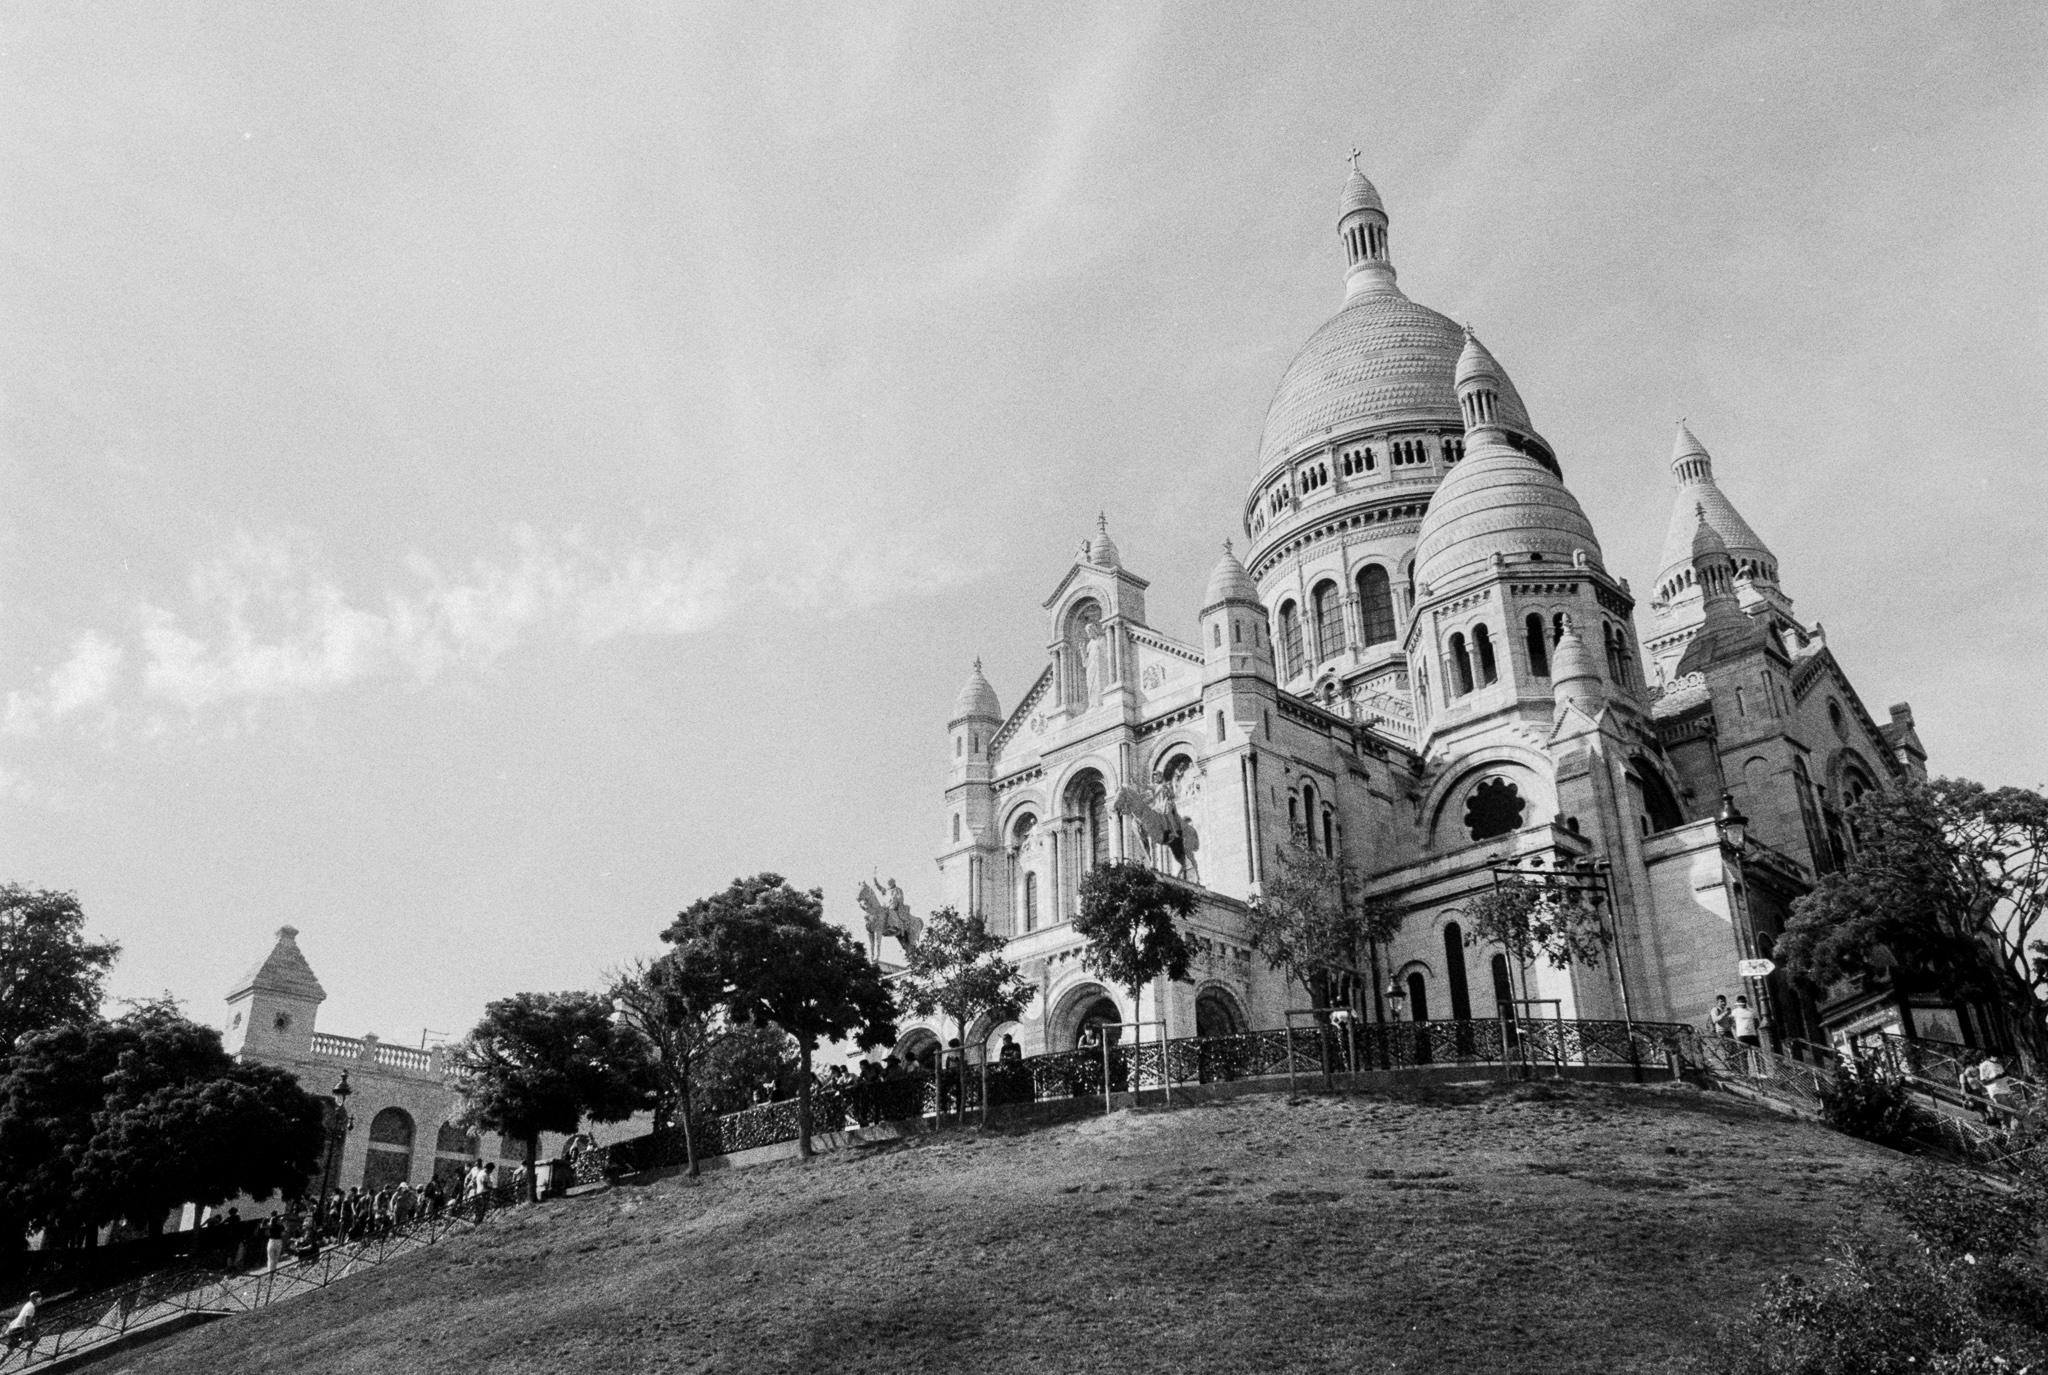 Photographie de Montmartre à Paris par Damien TROLARD